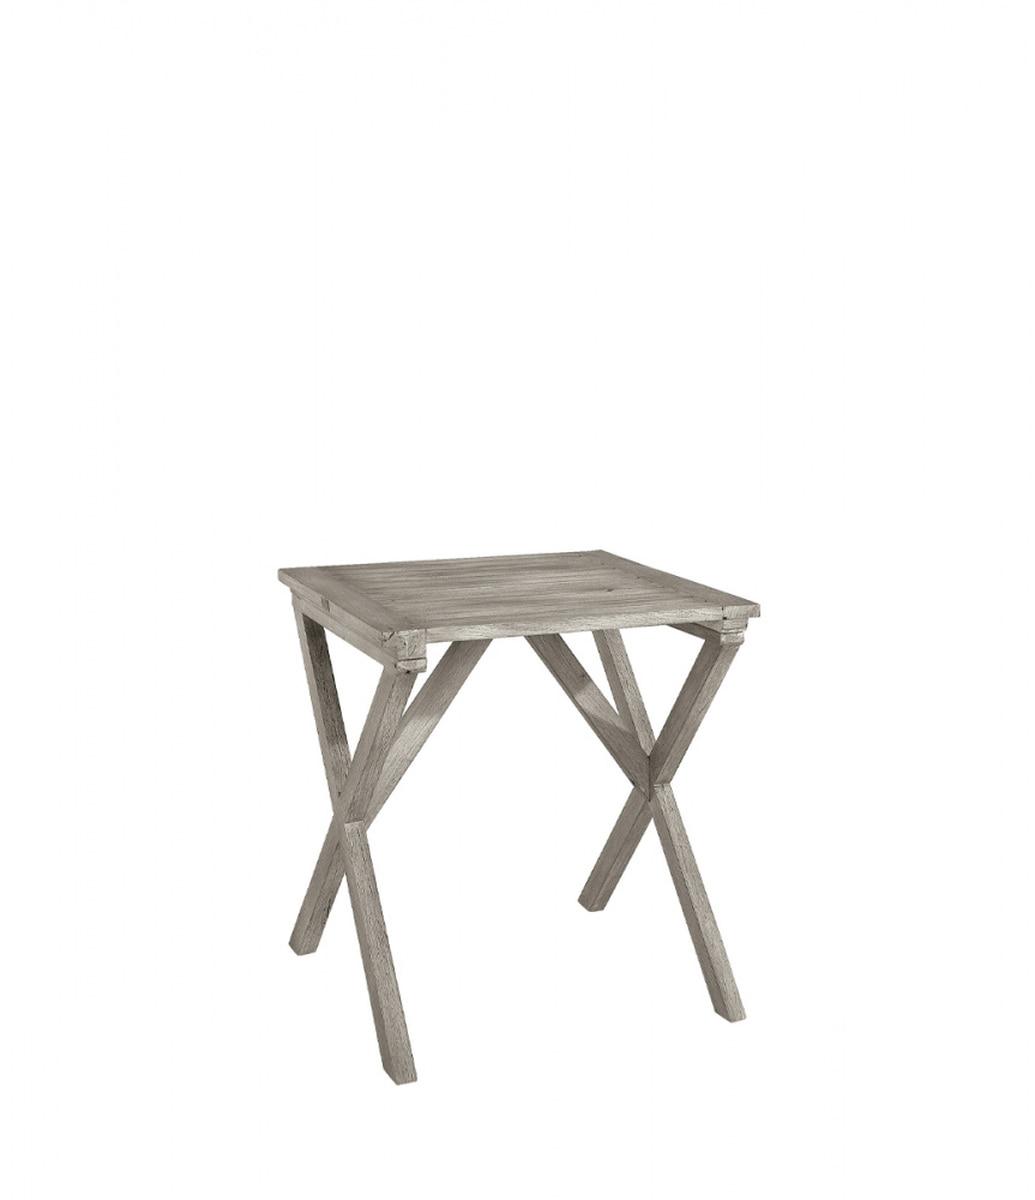 Artwoodutendørs spisebord KEY WEST 19-43568